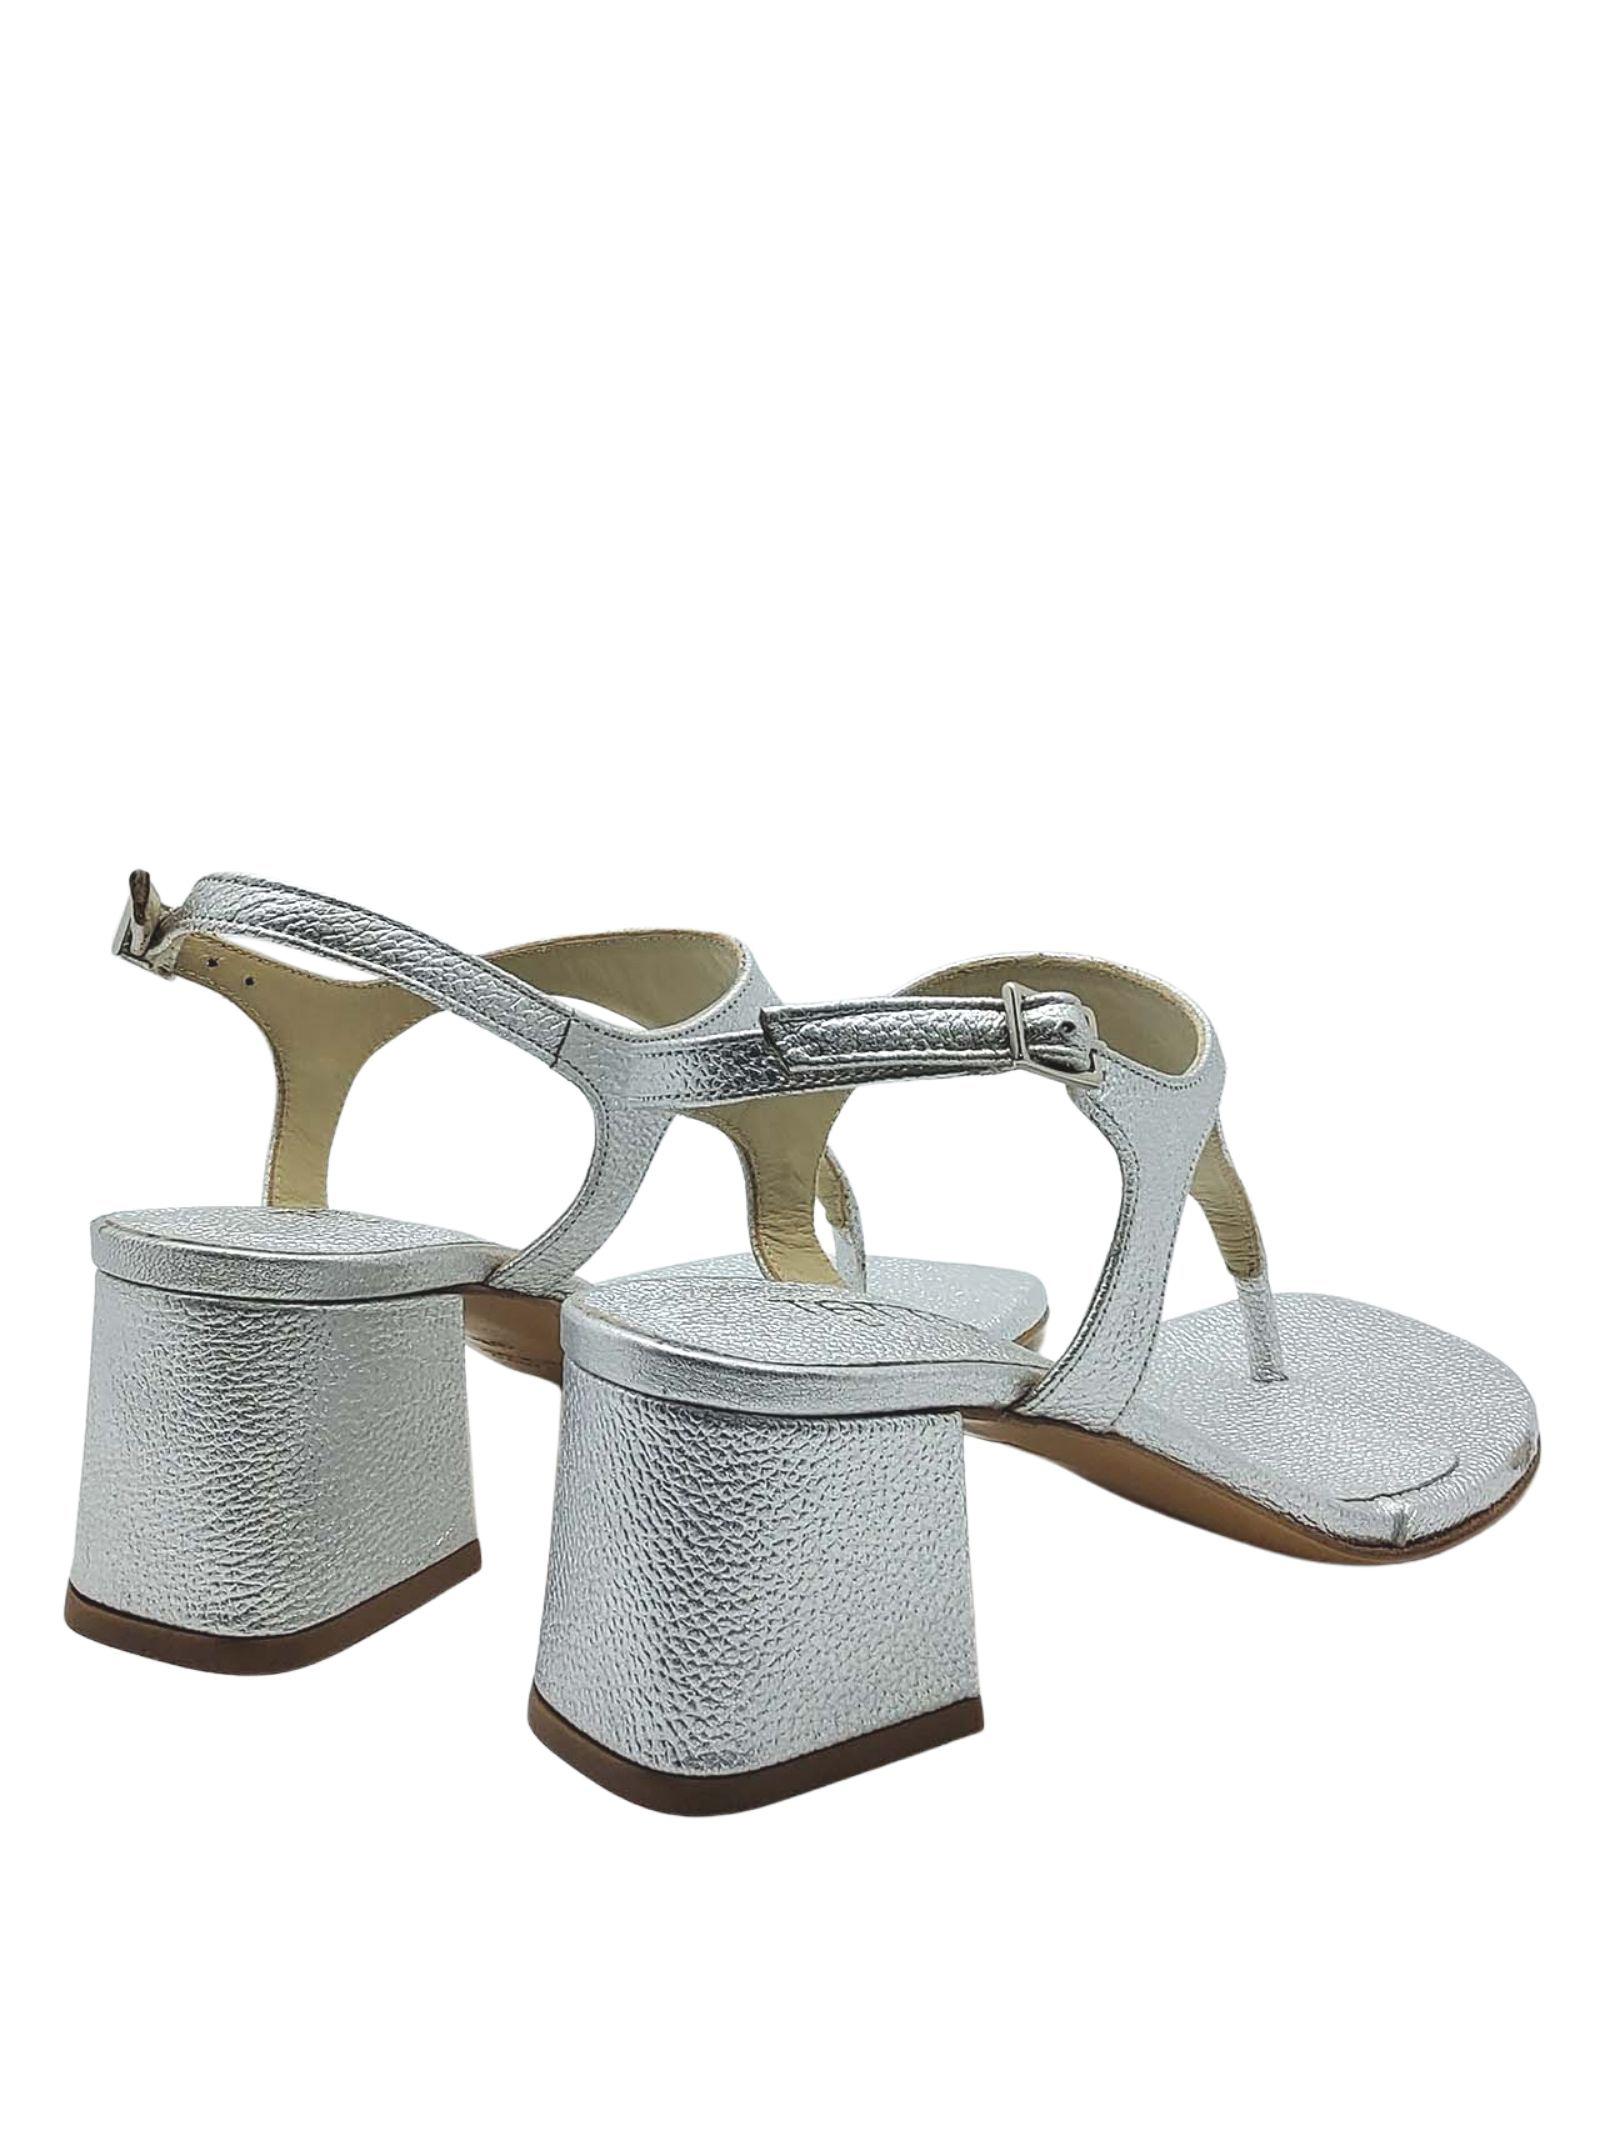 Calzature Donna Sandali Infradito In Pelle Laminata Argento Con Cinturino E Tacco Quadrato Tattoo   Sandali   107604